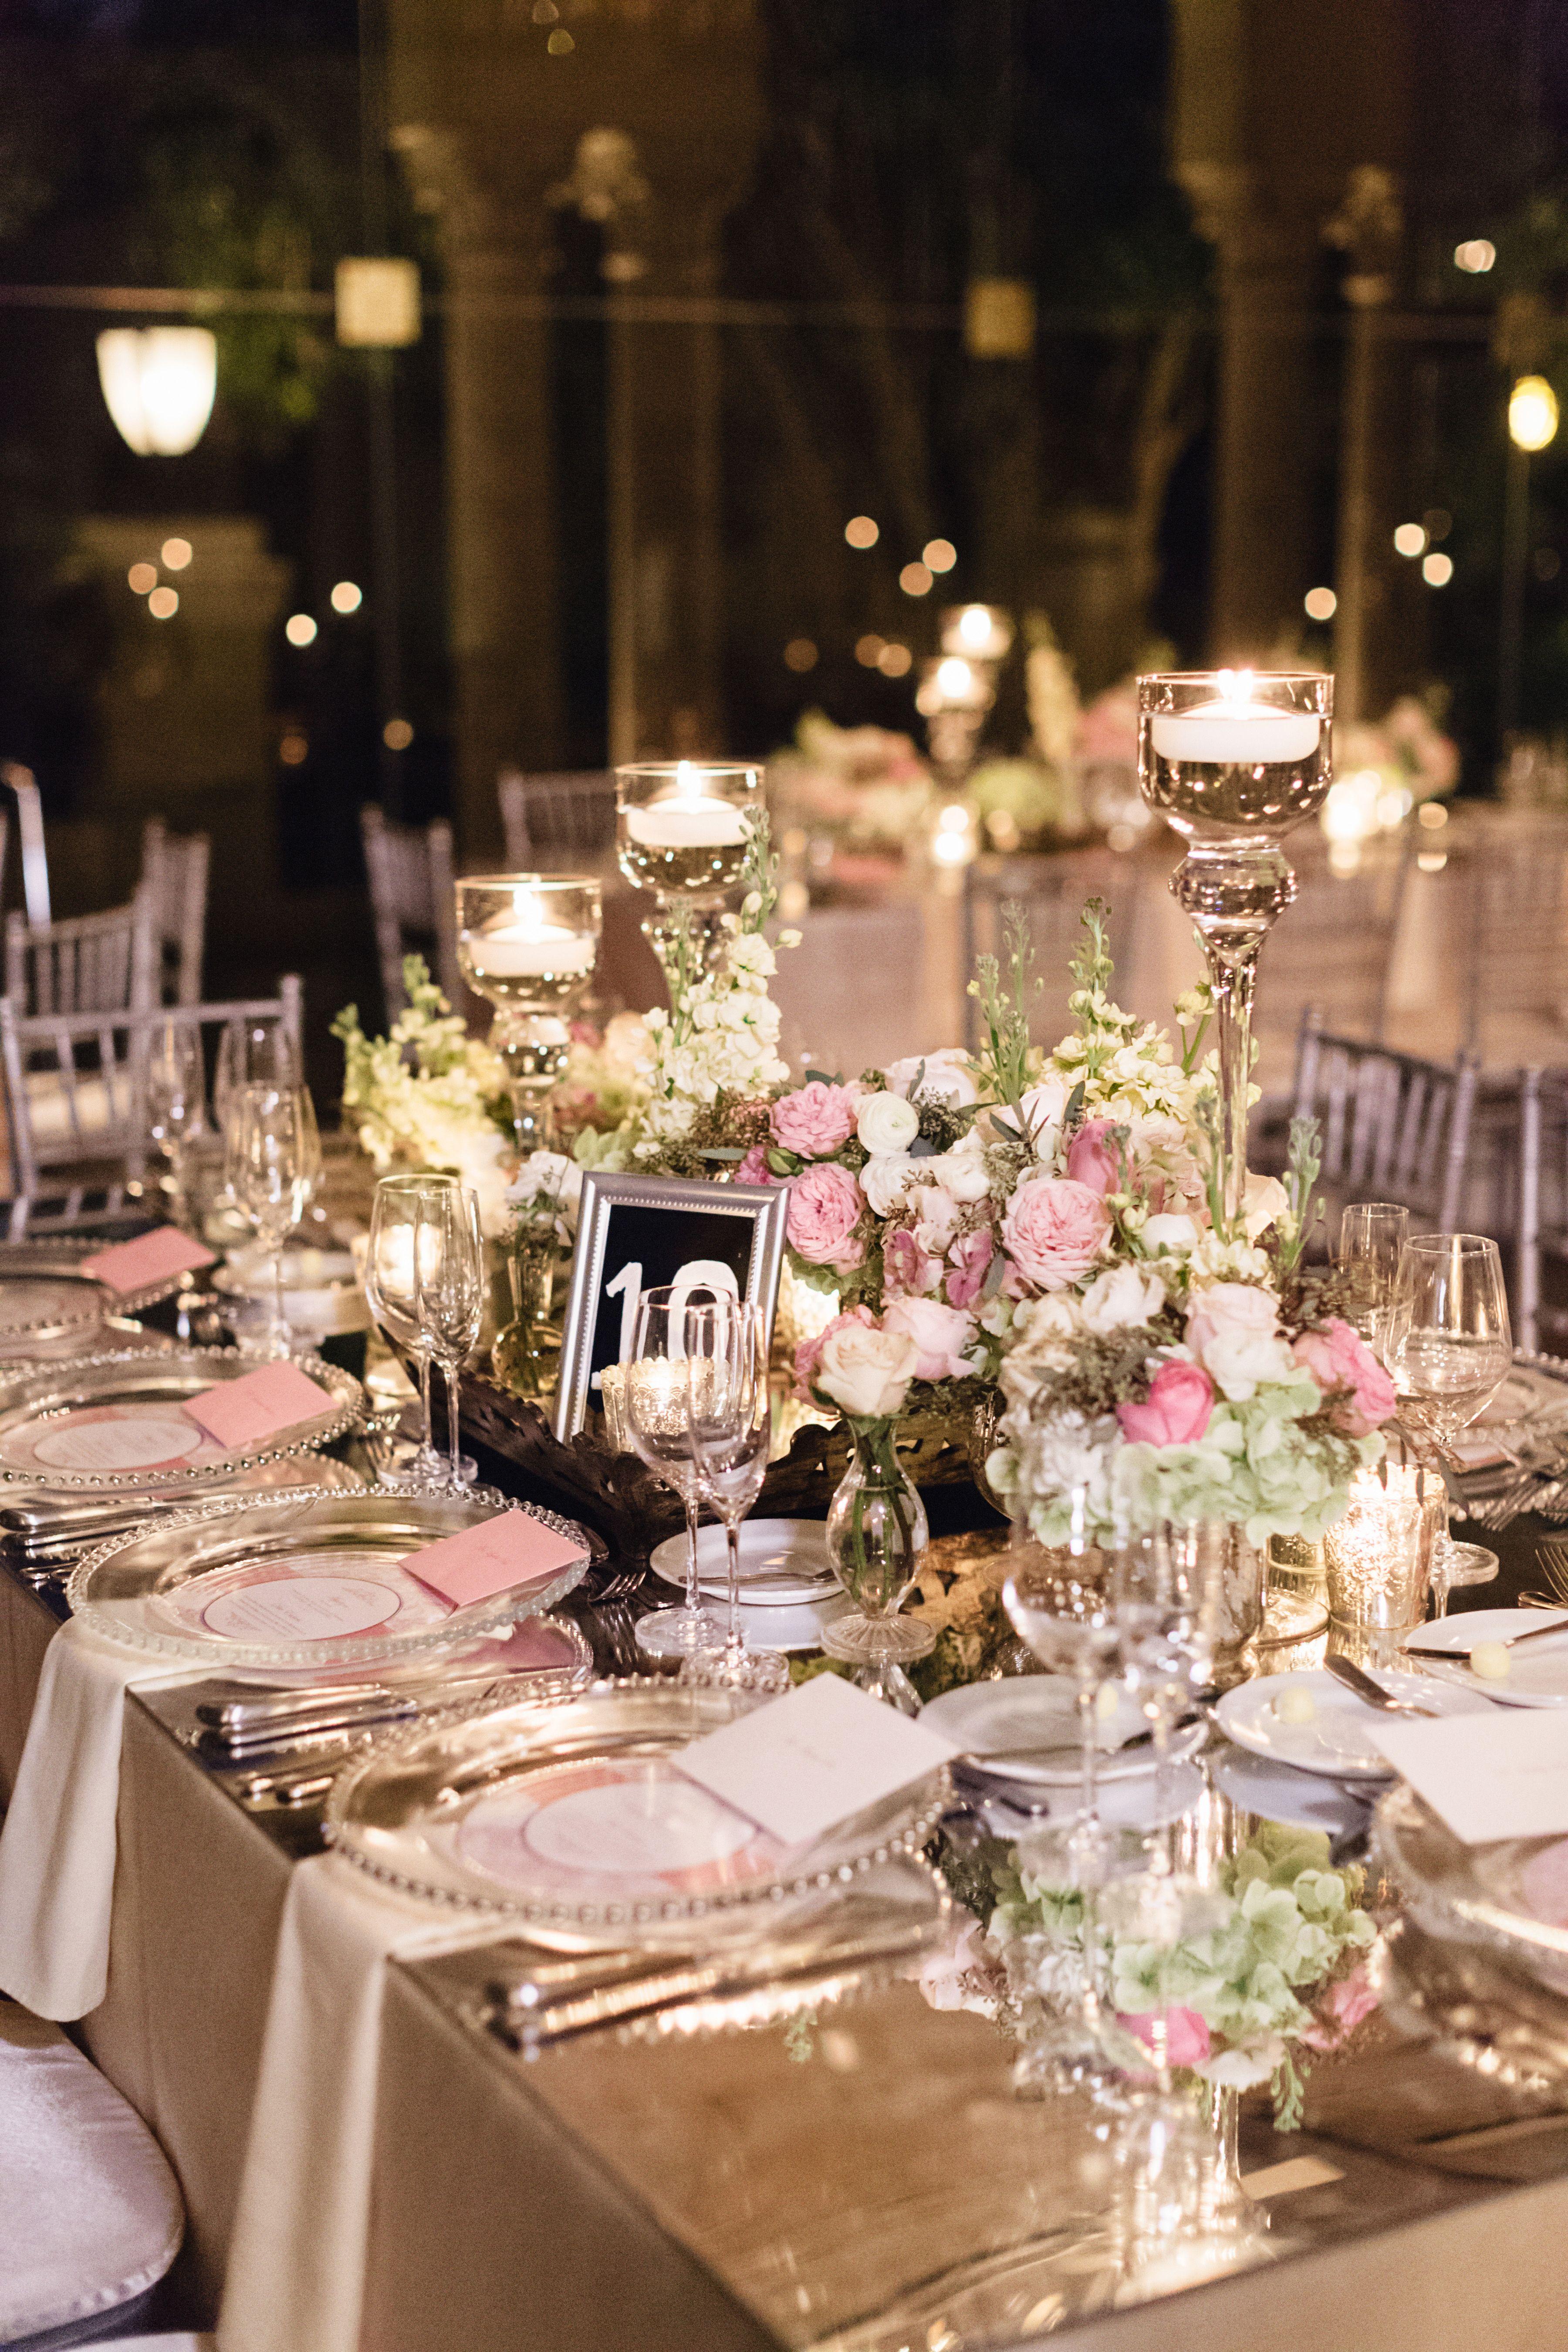 Tischdekoration für Hochzeit selber gestalten Bild2